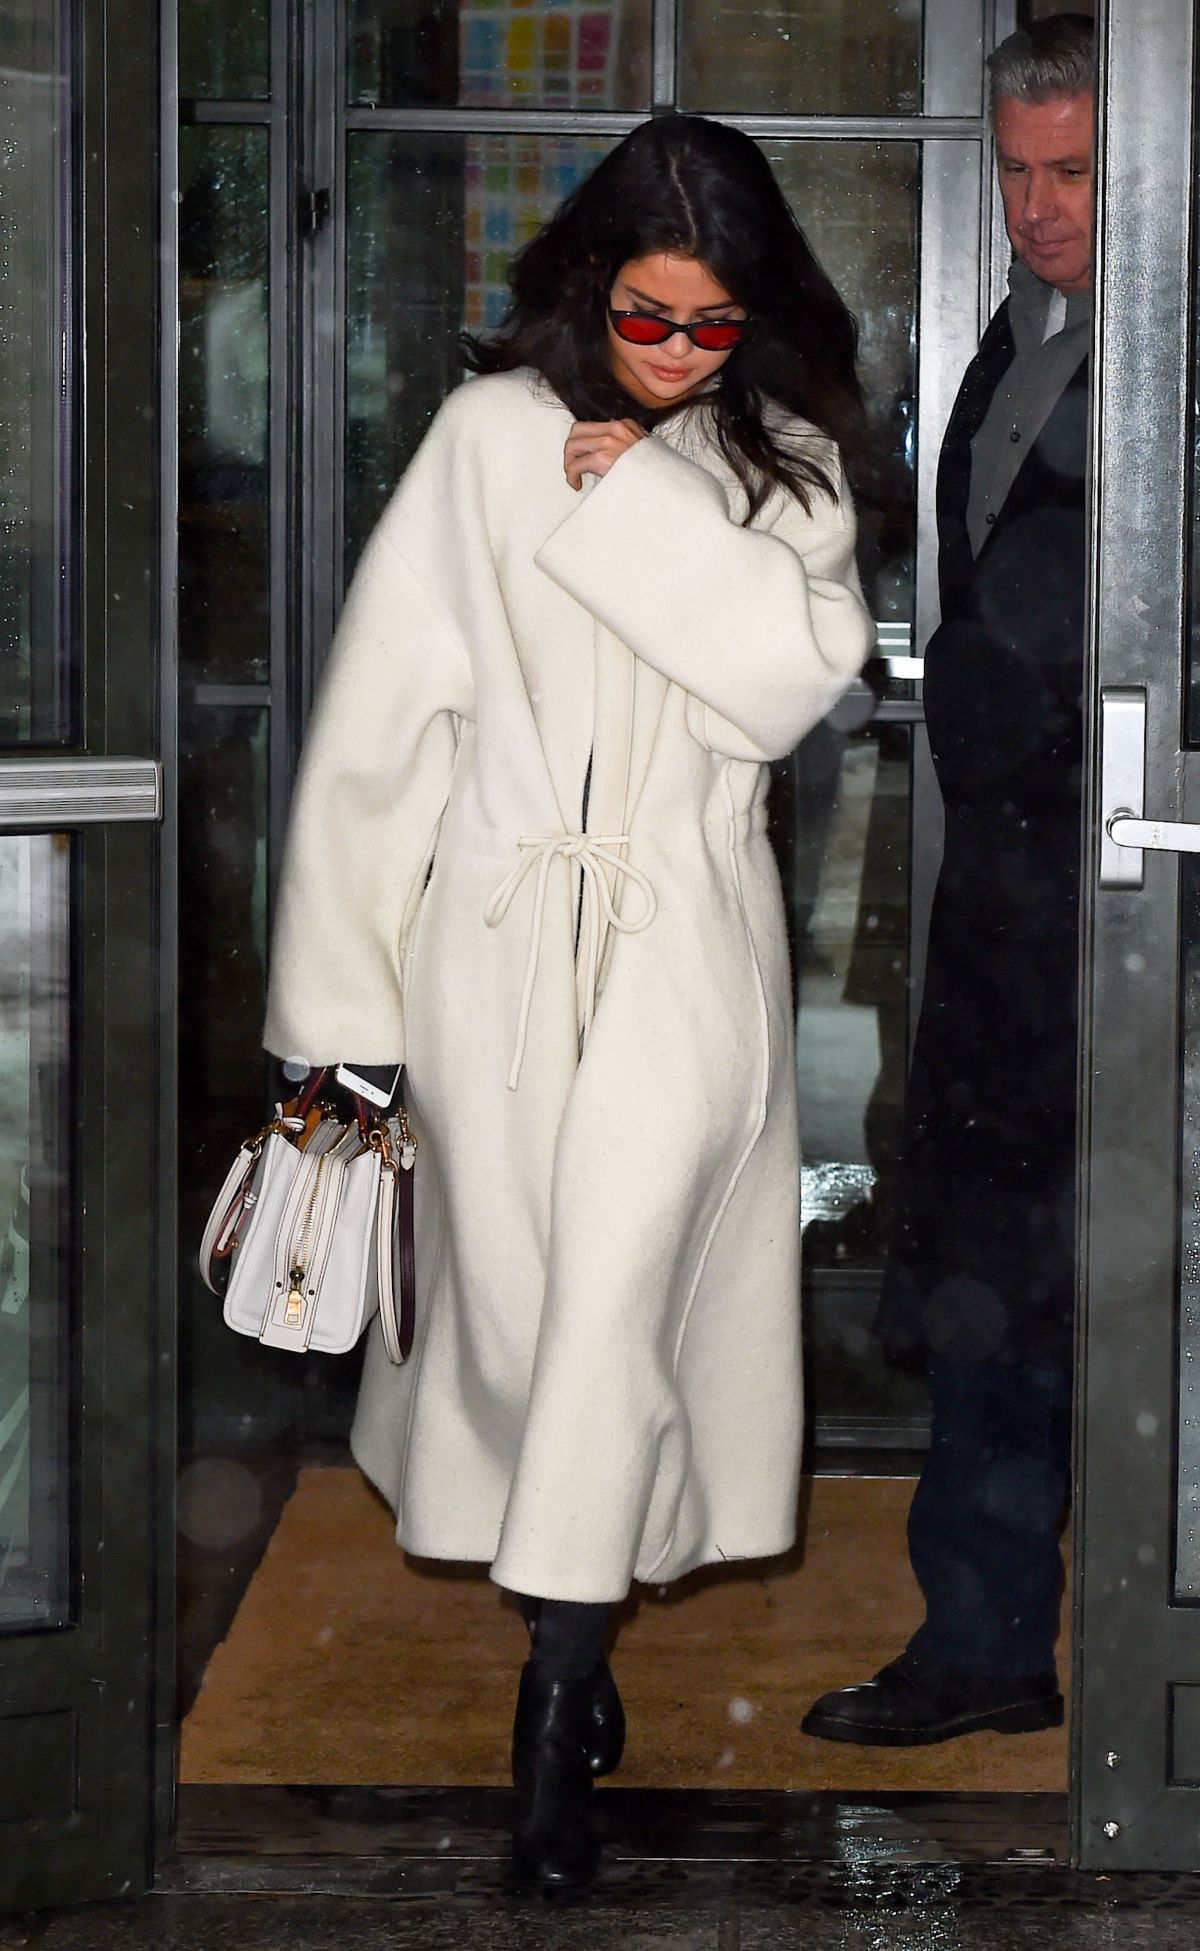 selena gomez leaves her hotel in new york 02/09/2017 | selena